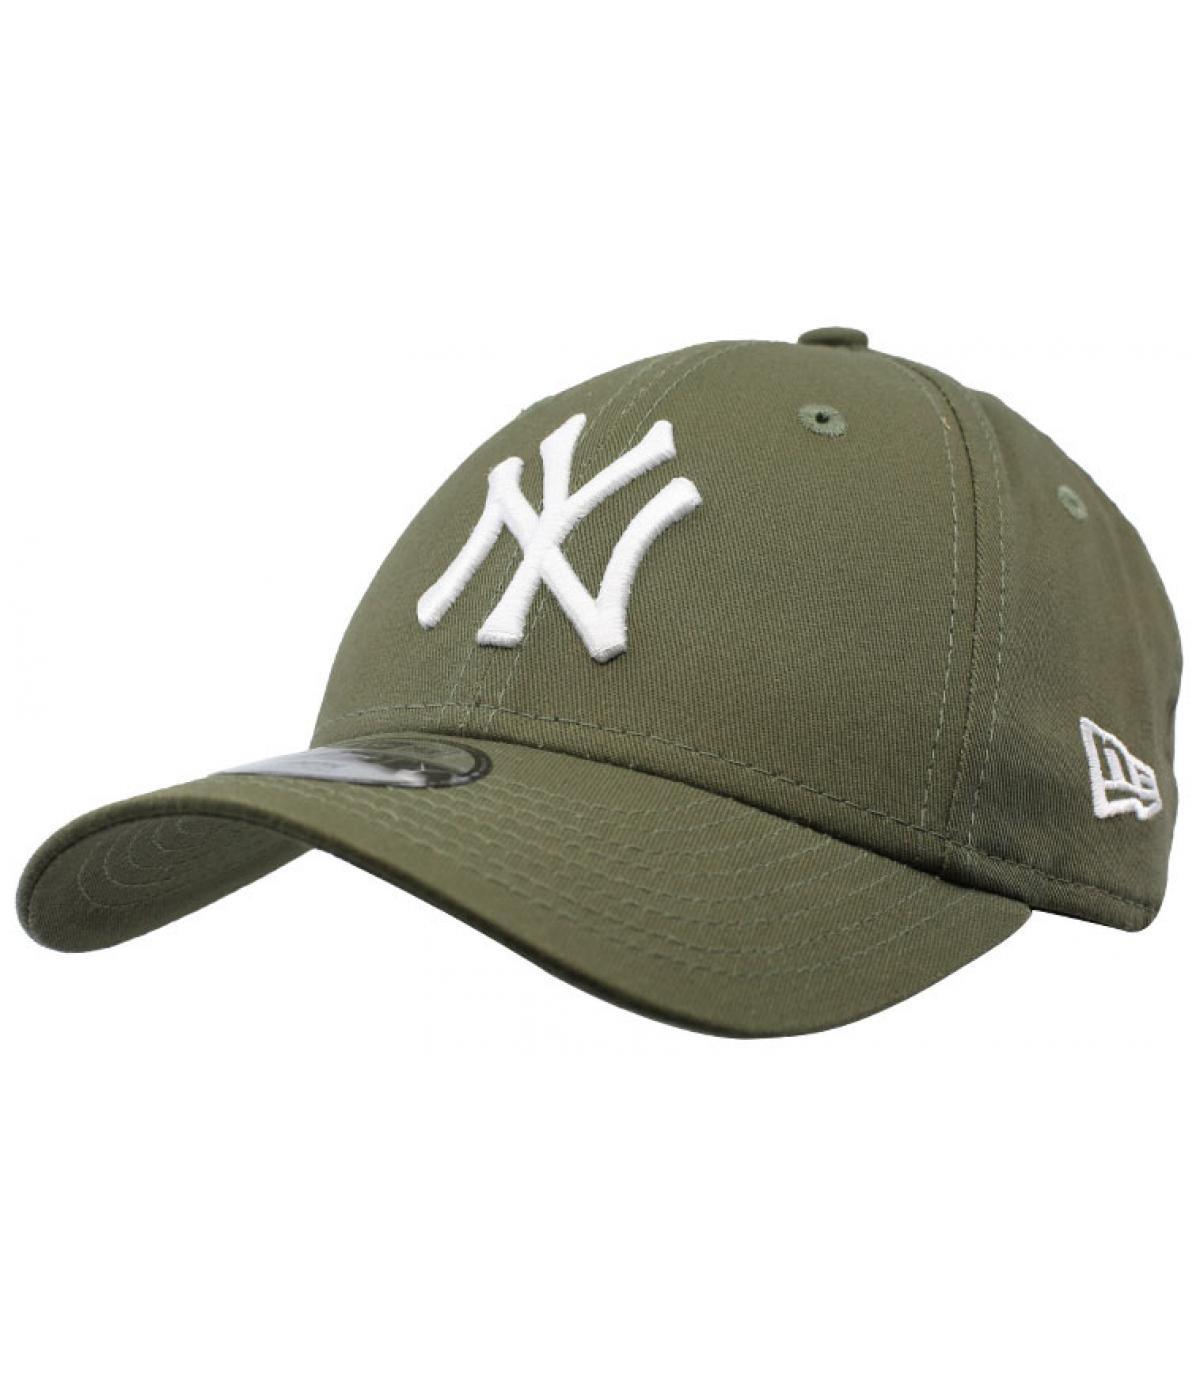 NY berretto bambino verde - Kids League Ess NY 9Forty olive da New ... db1ea43b4359